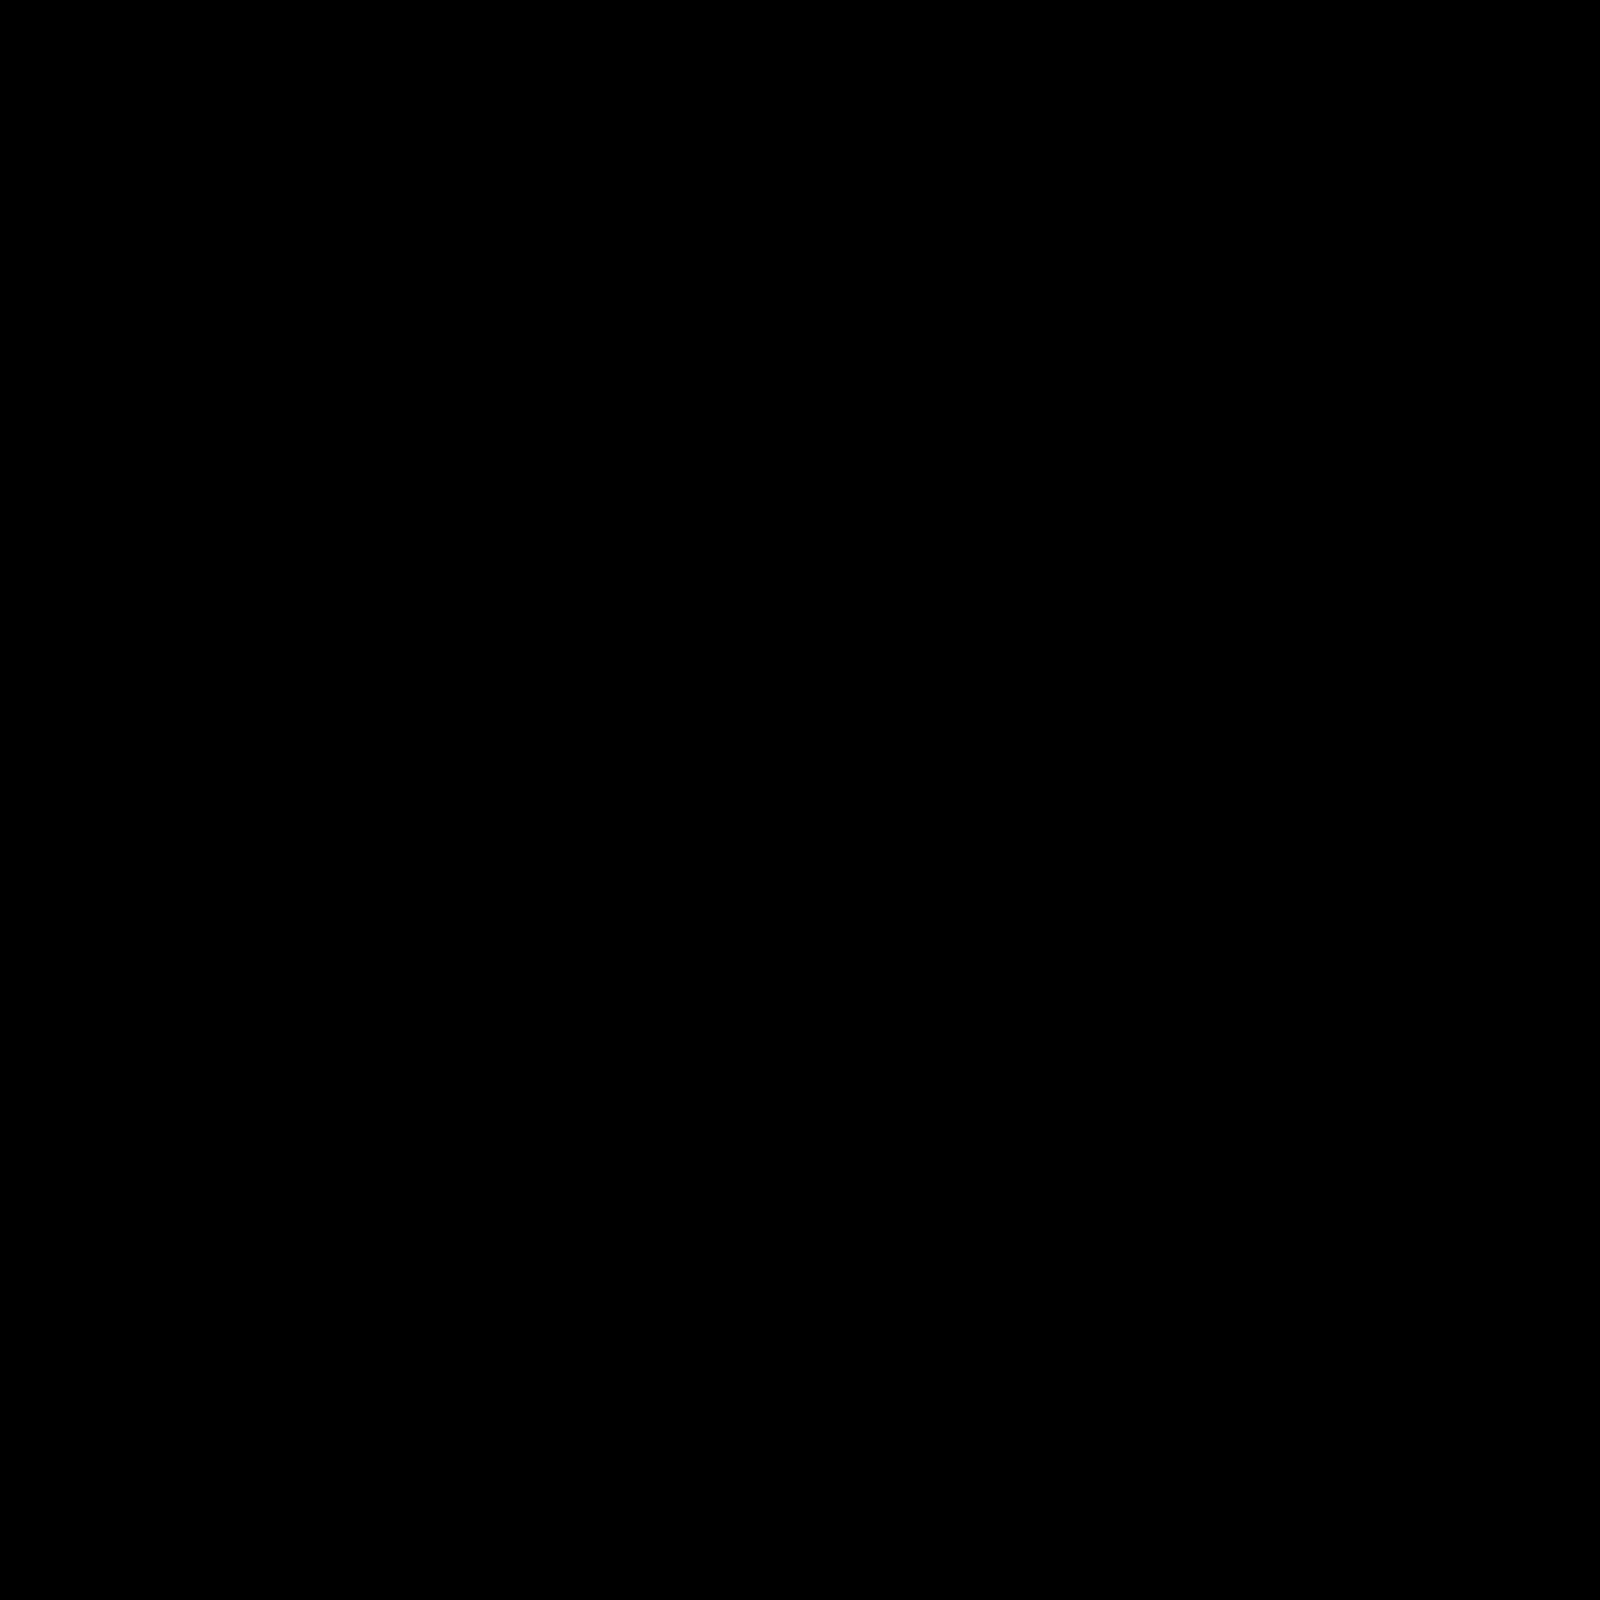 Padlock clipart png 5 » Clipart Portal.